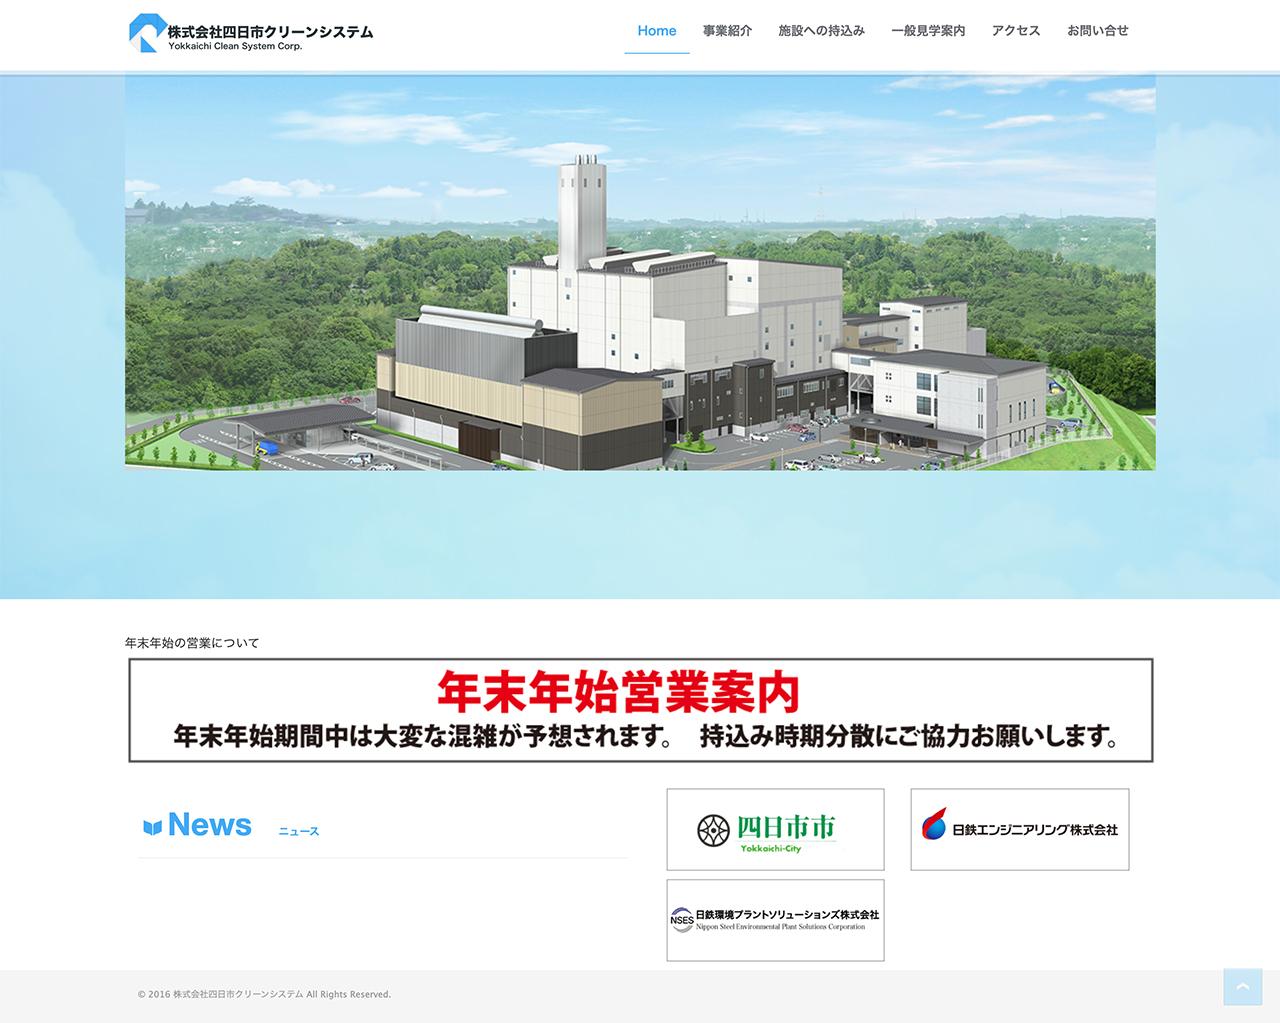 株式会社四日市クリーンシステム様web